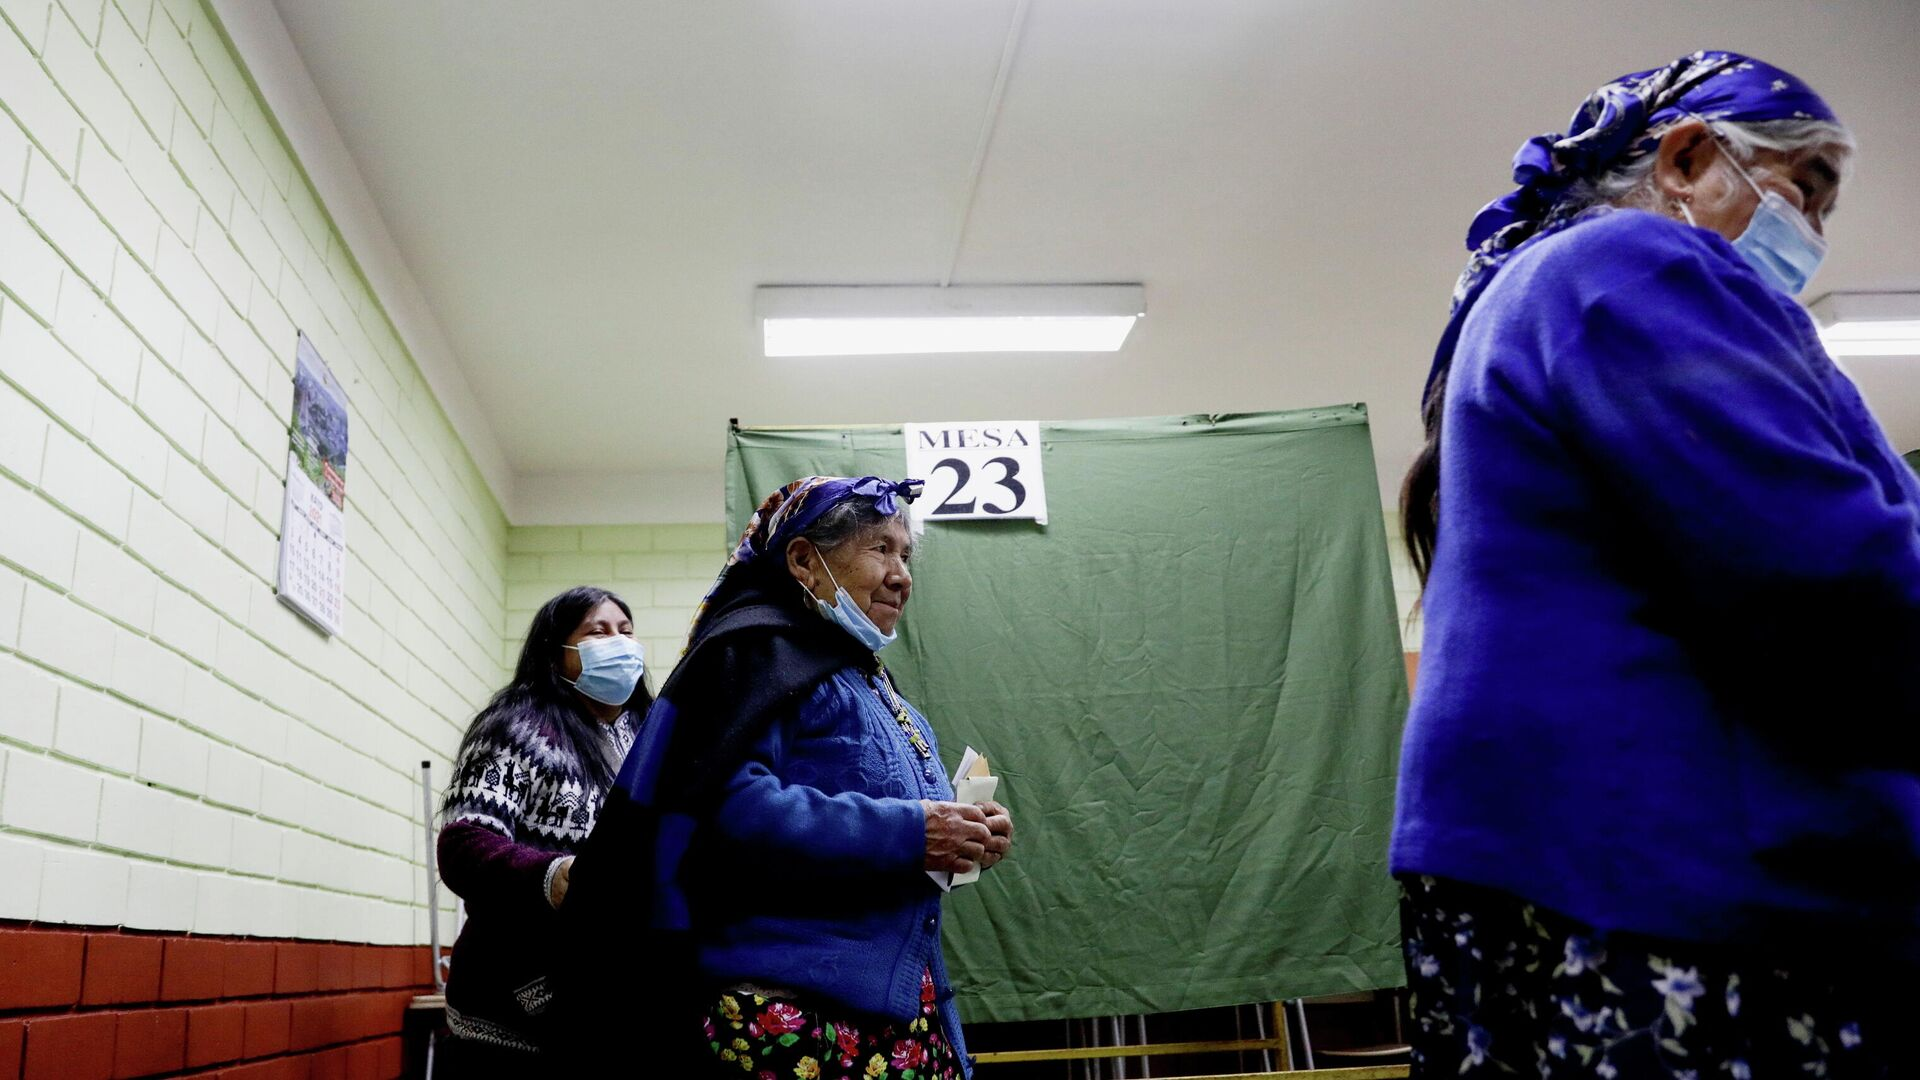 Elecciones en Temuco, Chile - Sputnik Mundo, 1920, 15.05.2021